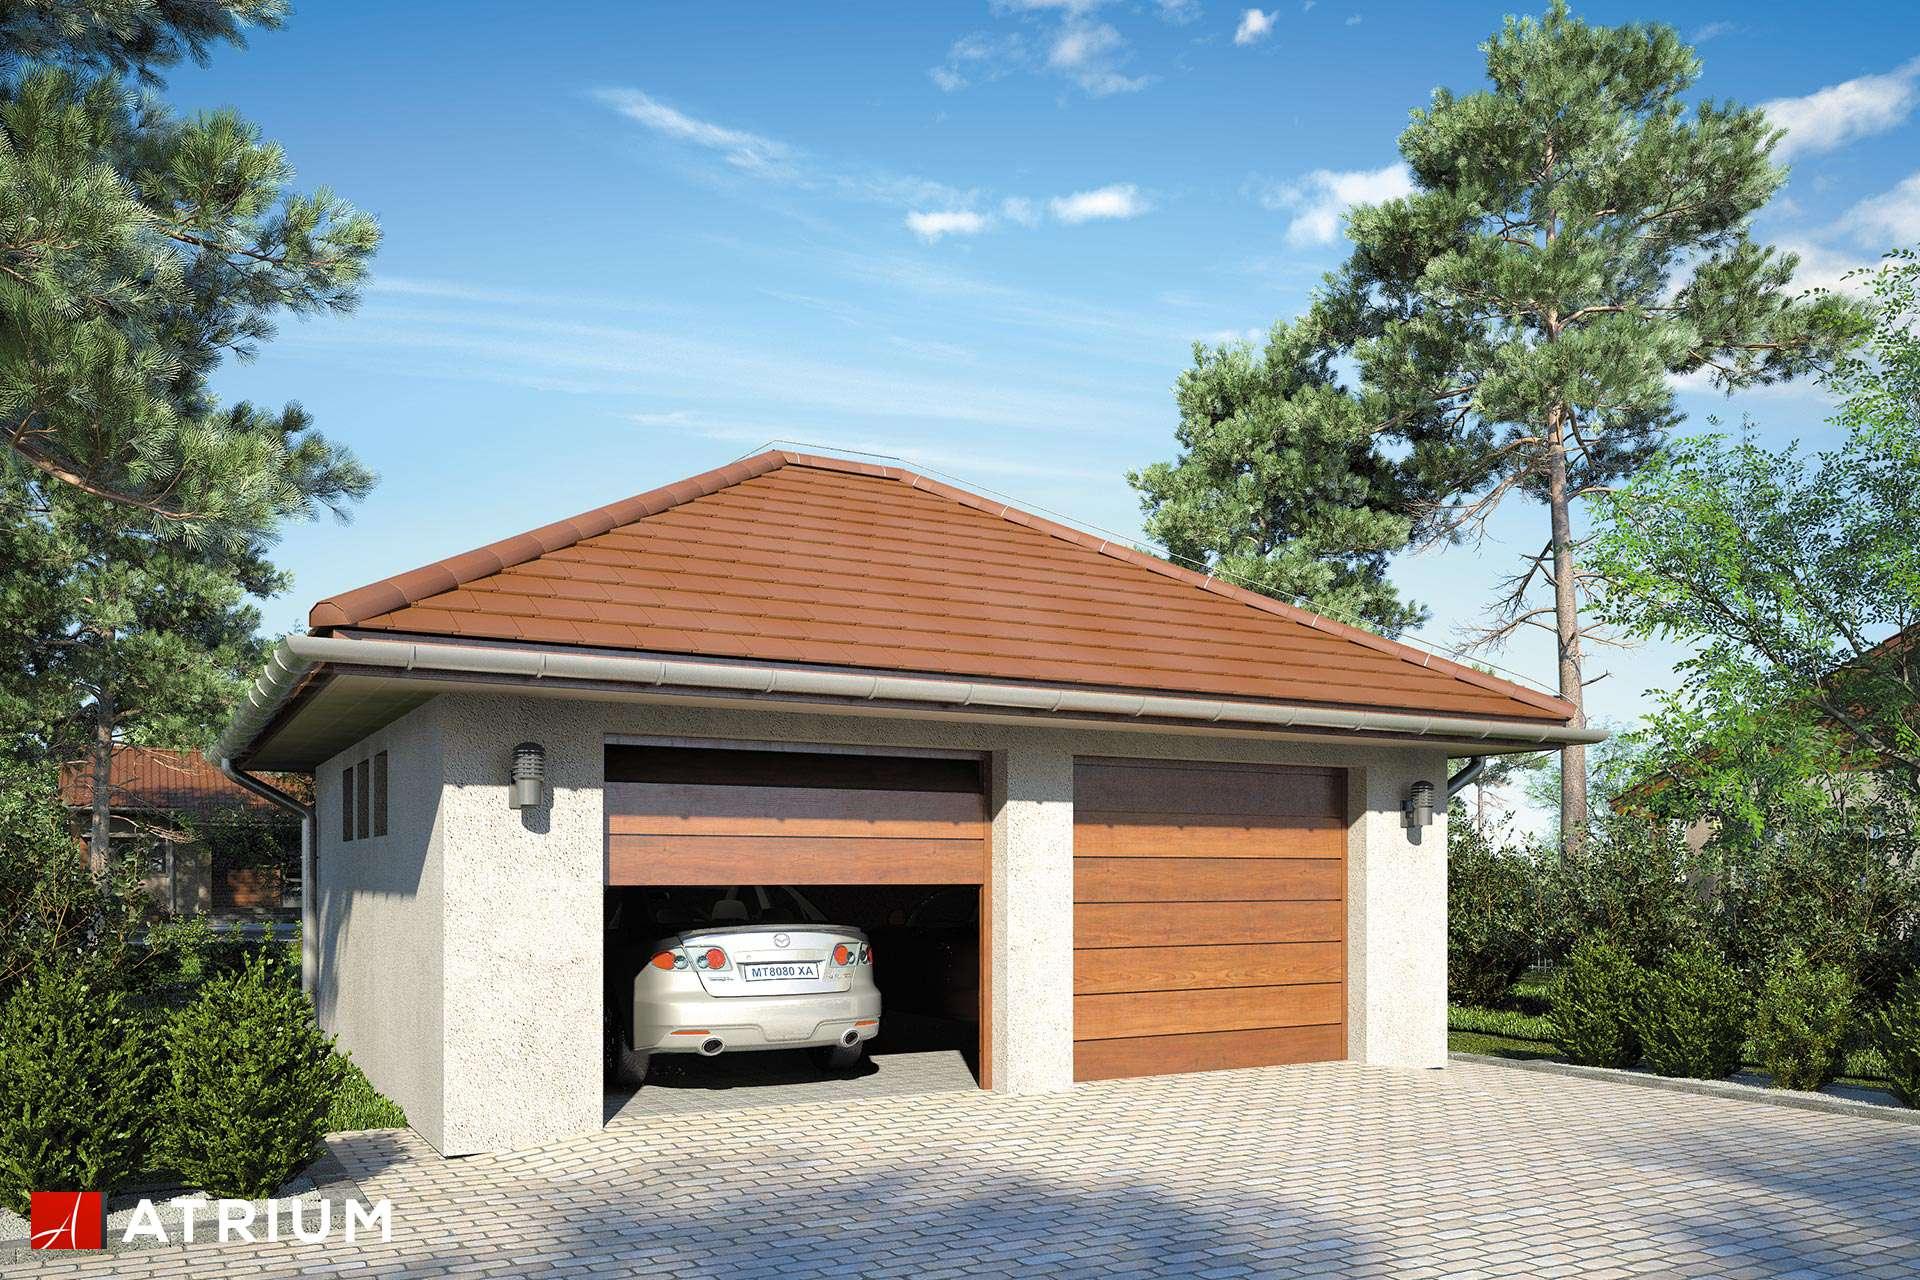 Projekt Garażu Z 35 Garaż Dwustanowiskowy Parterowy Studio Atrium